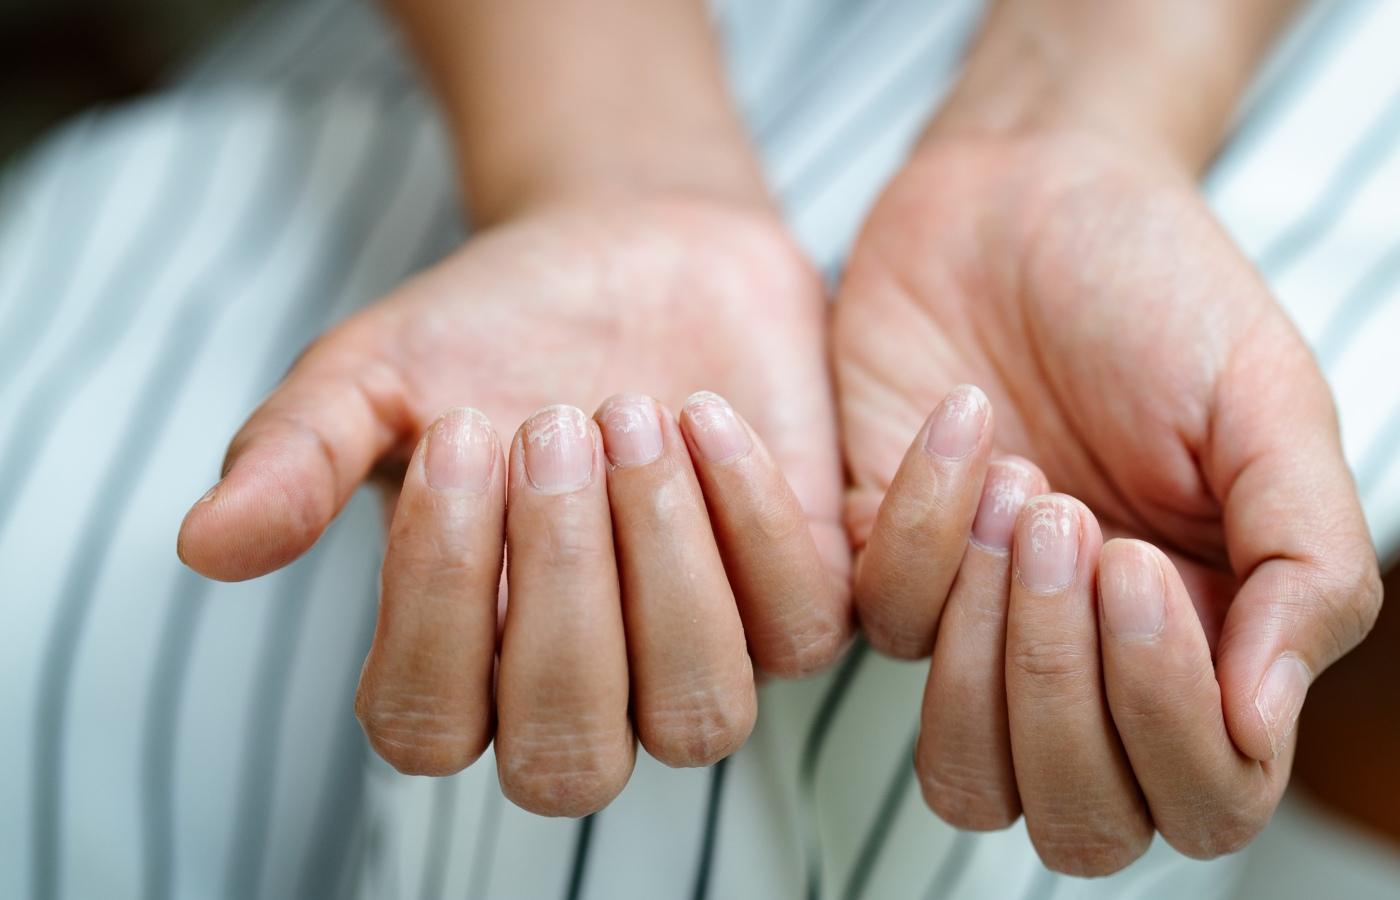 unhas das mãos com manchas brancas ou leuconiquia